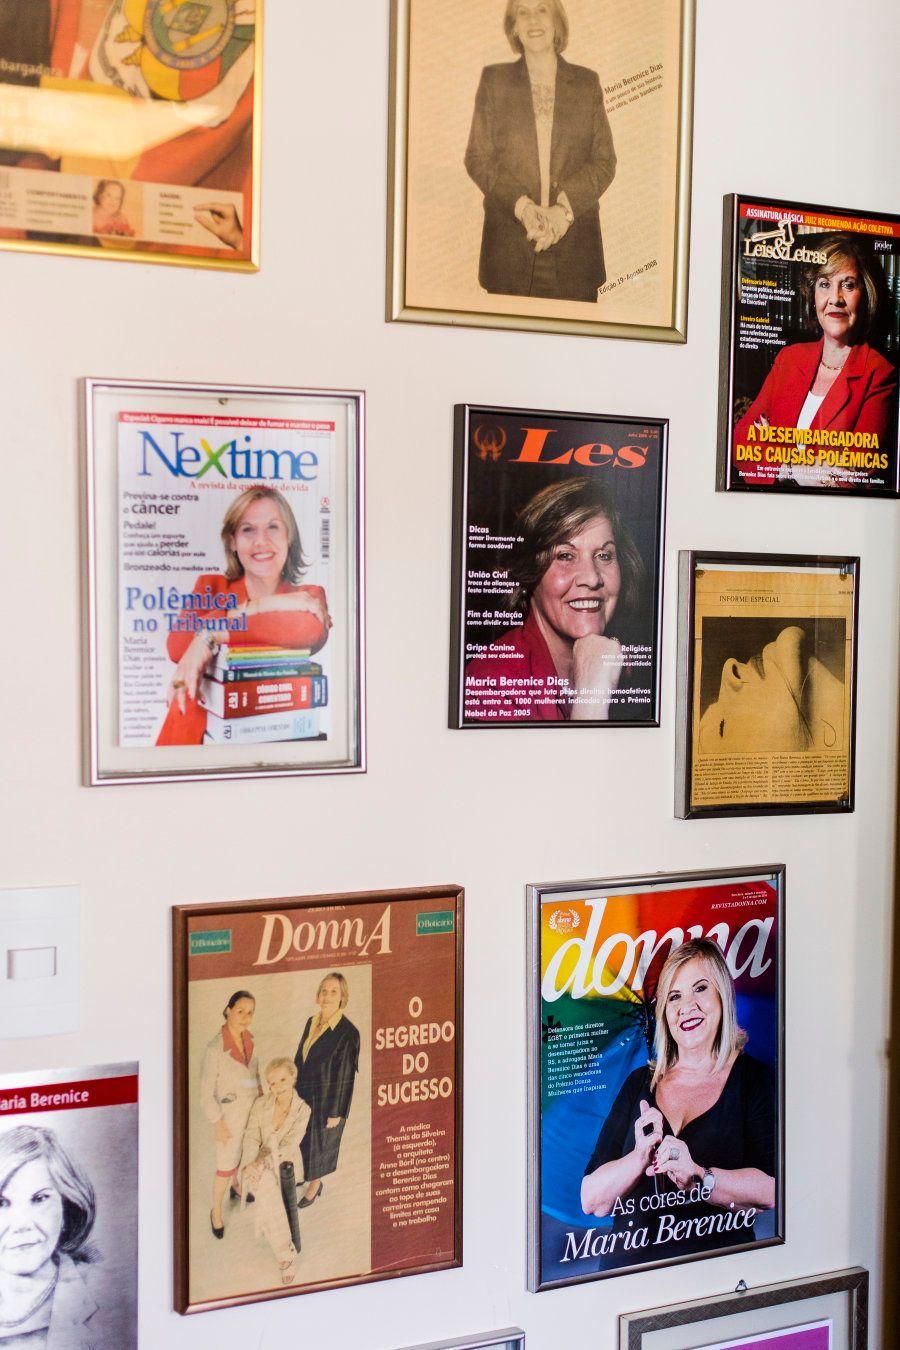 Sua trajetória ganhou prêmios, capas de revistas e jornais, como atestam as estantes e paredes do apartamento,...